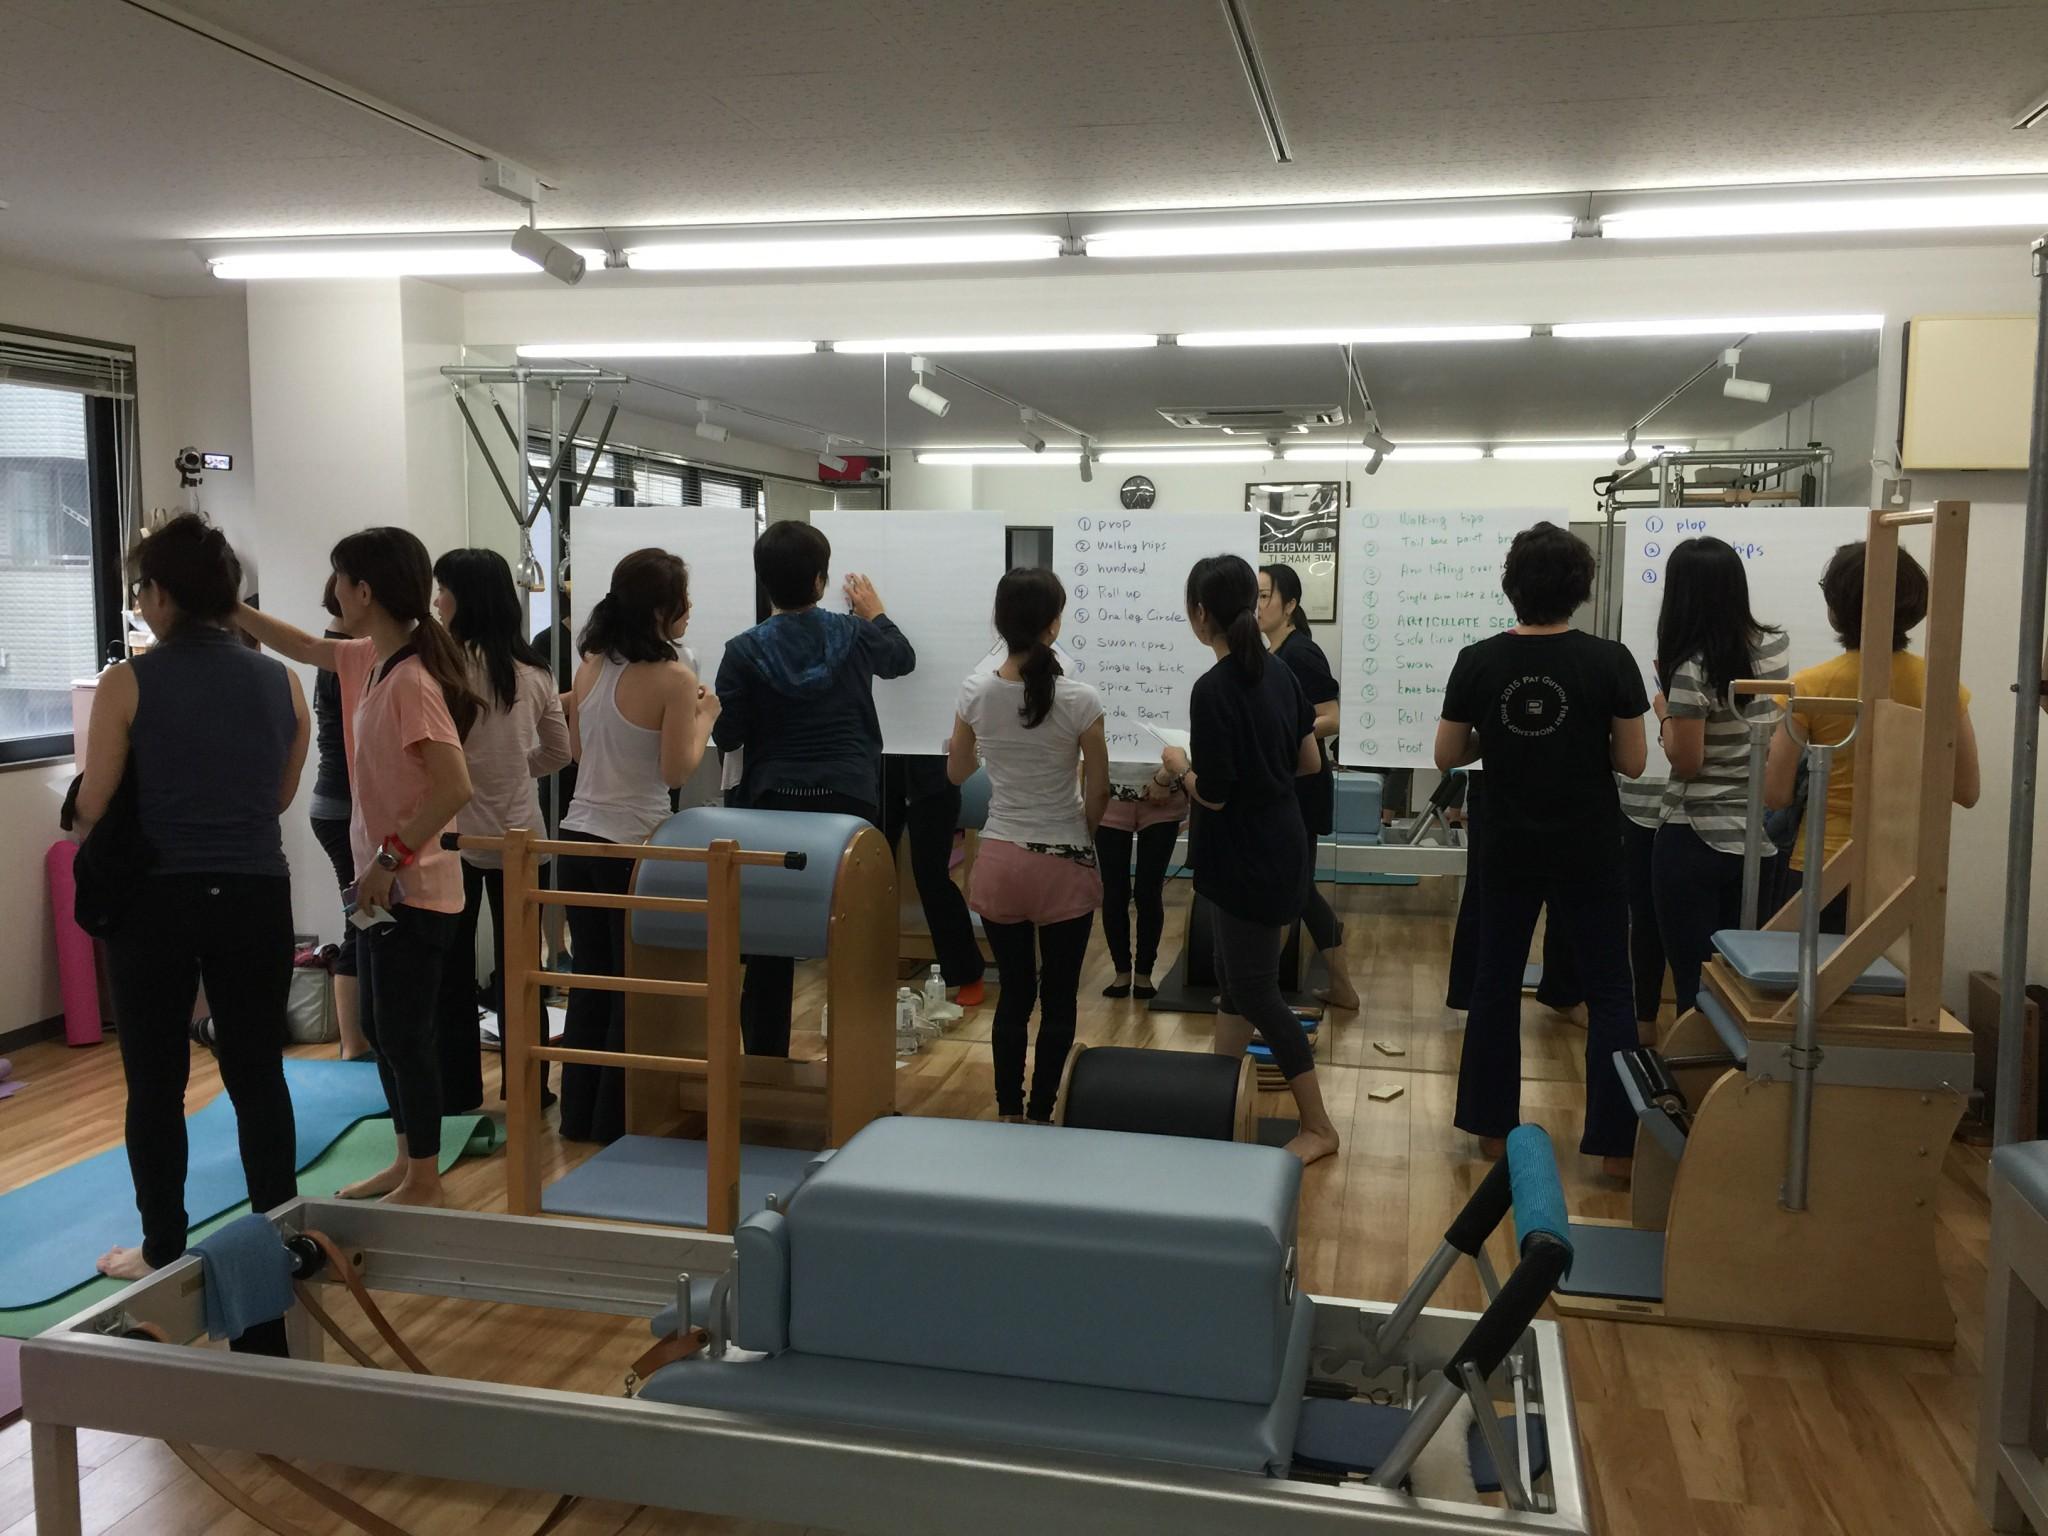 Pat Guyton Workshop Tour, Japan 2015